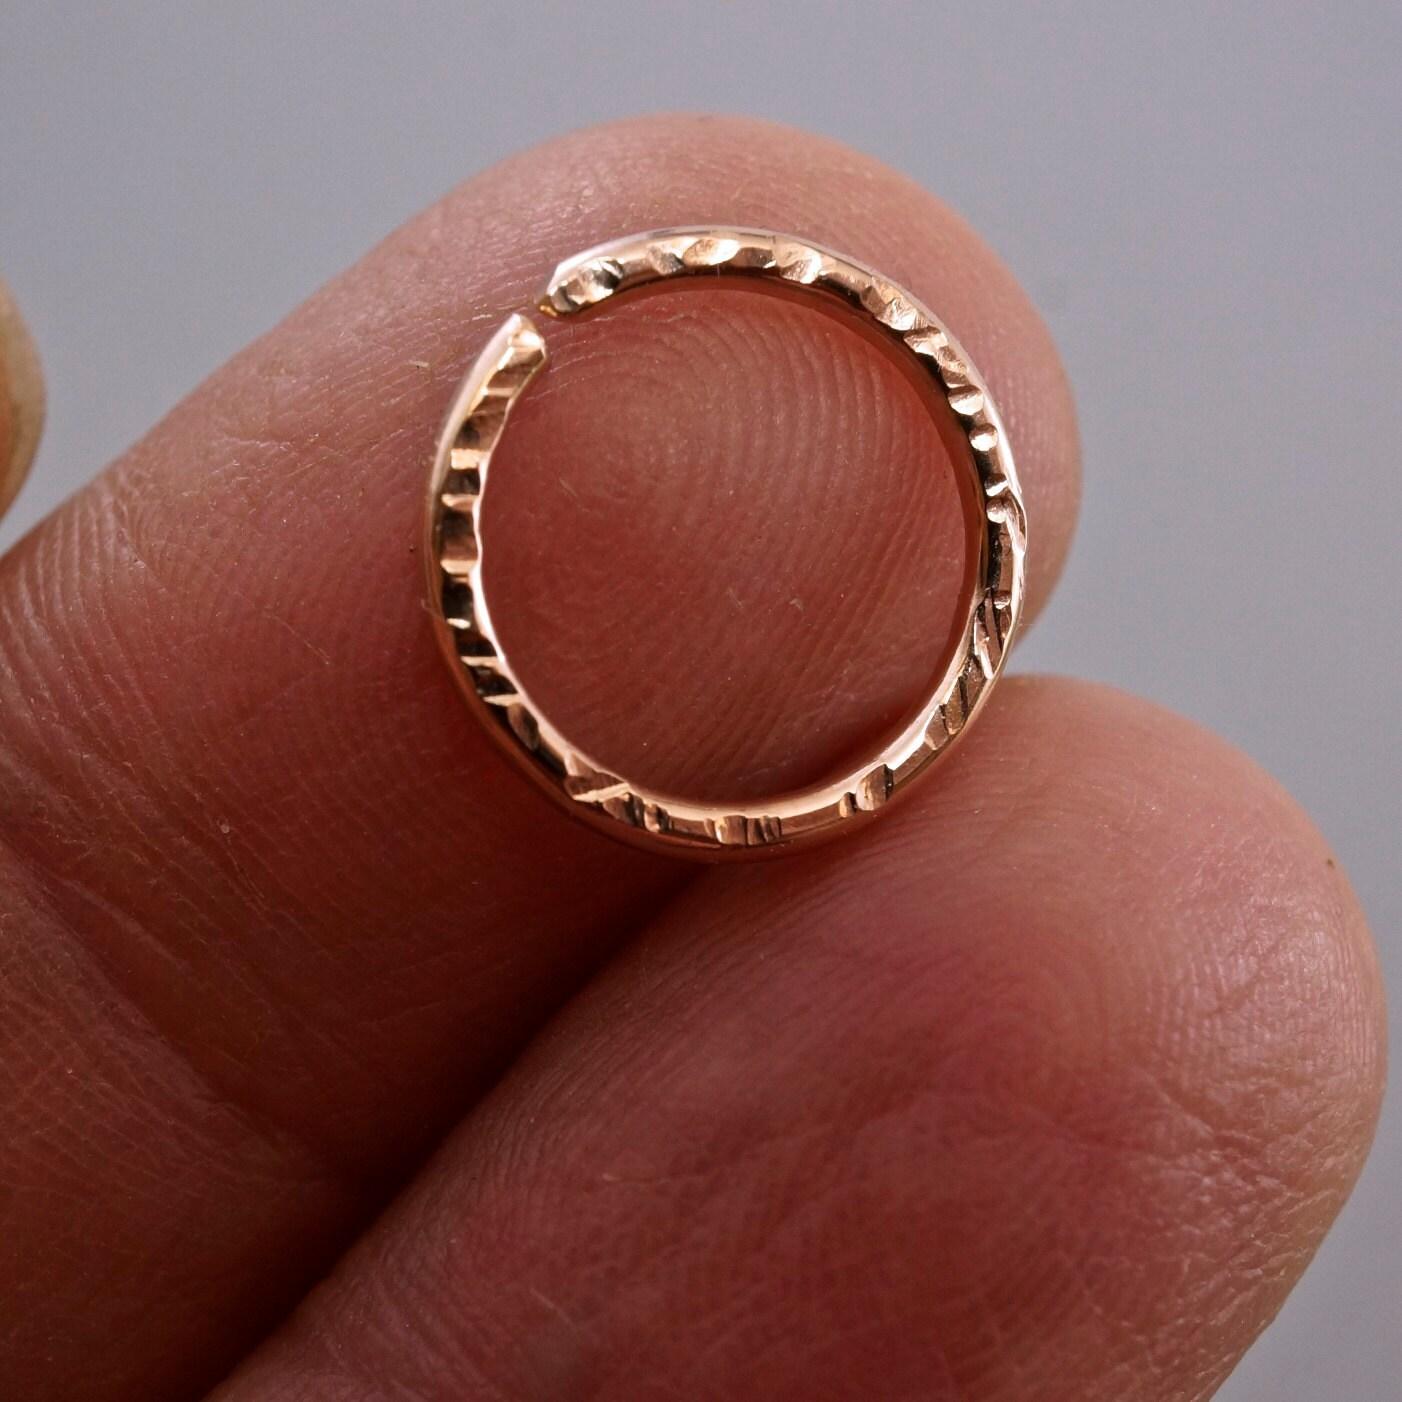 septum ring cartilage ring 16g hoop earring 12mm piercing